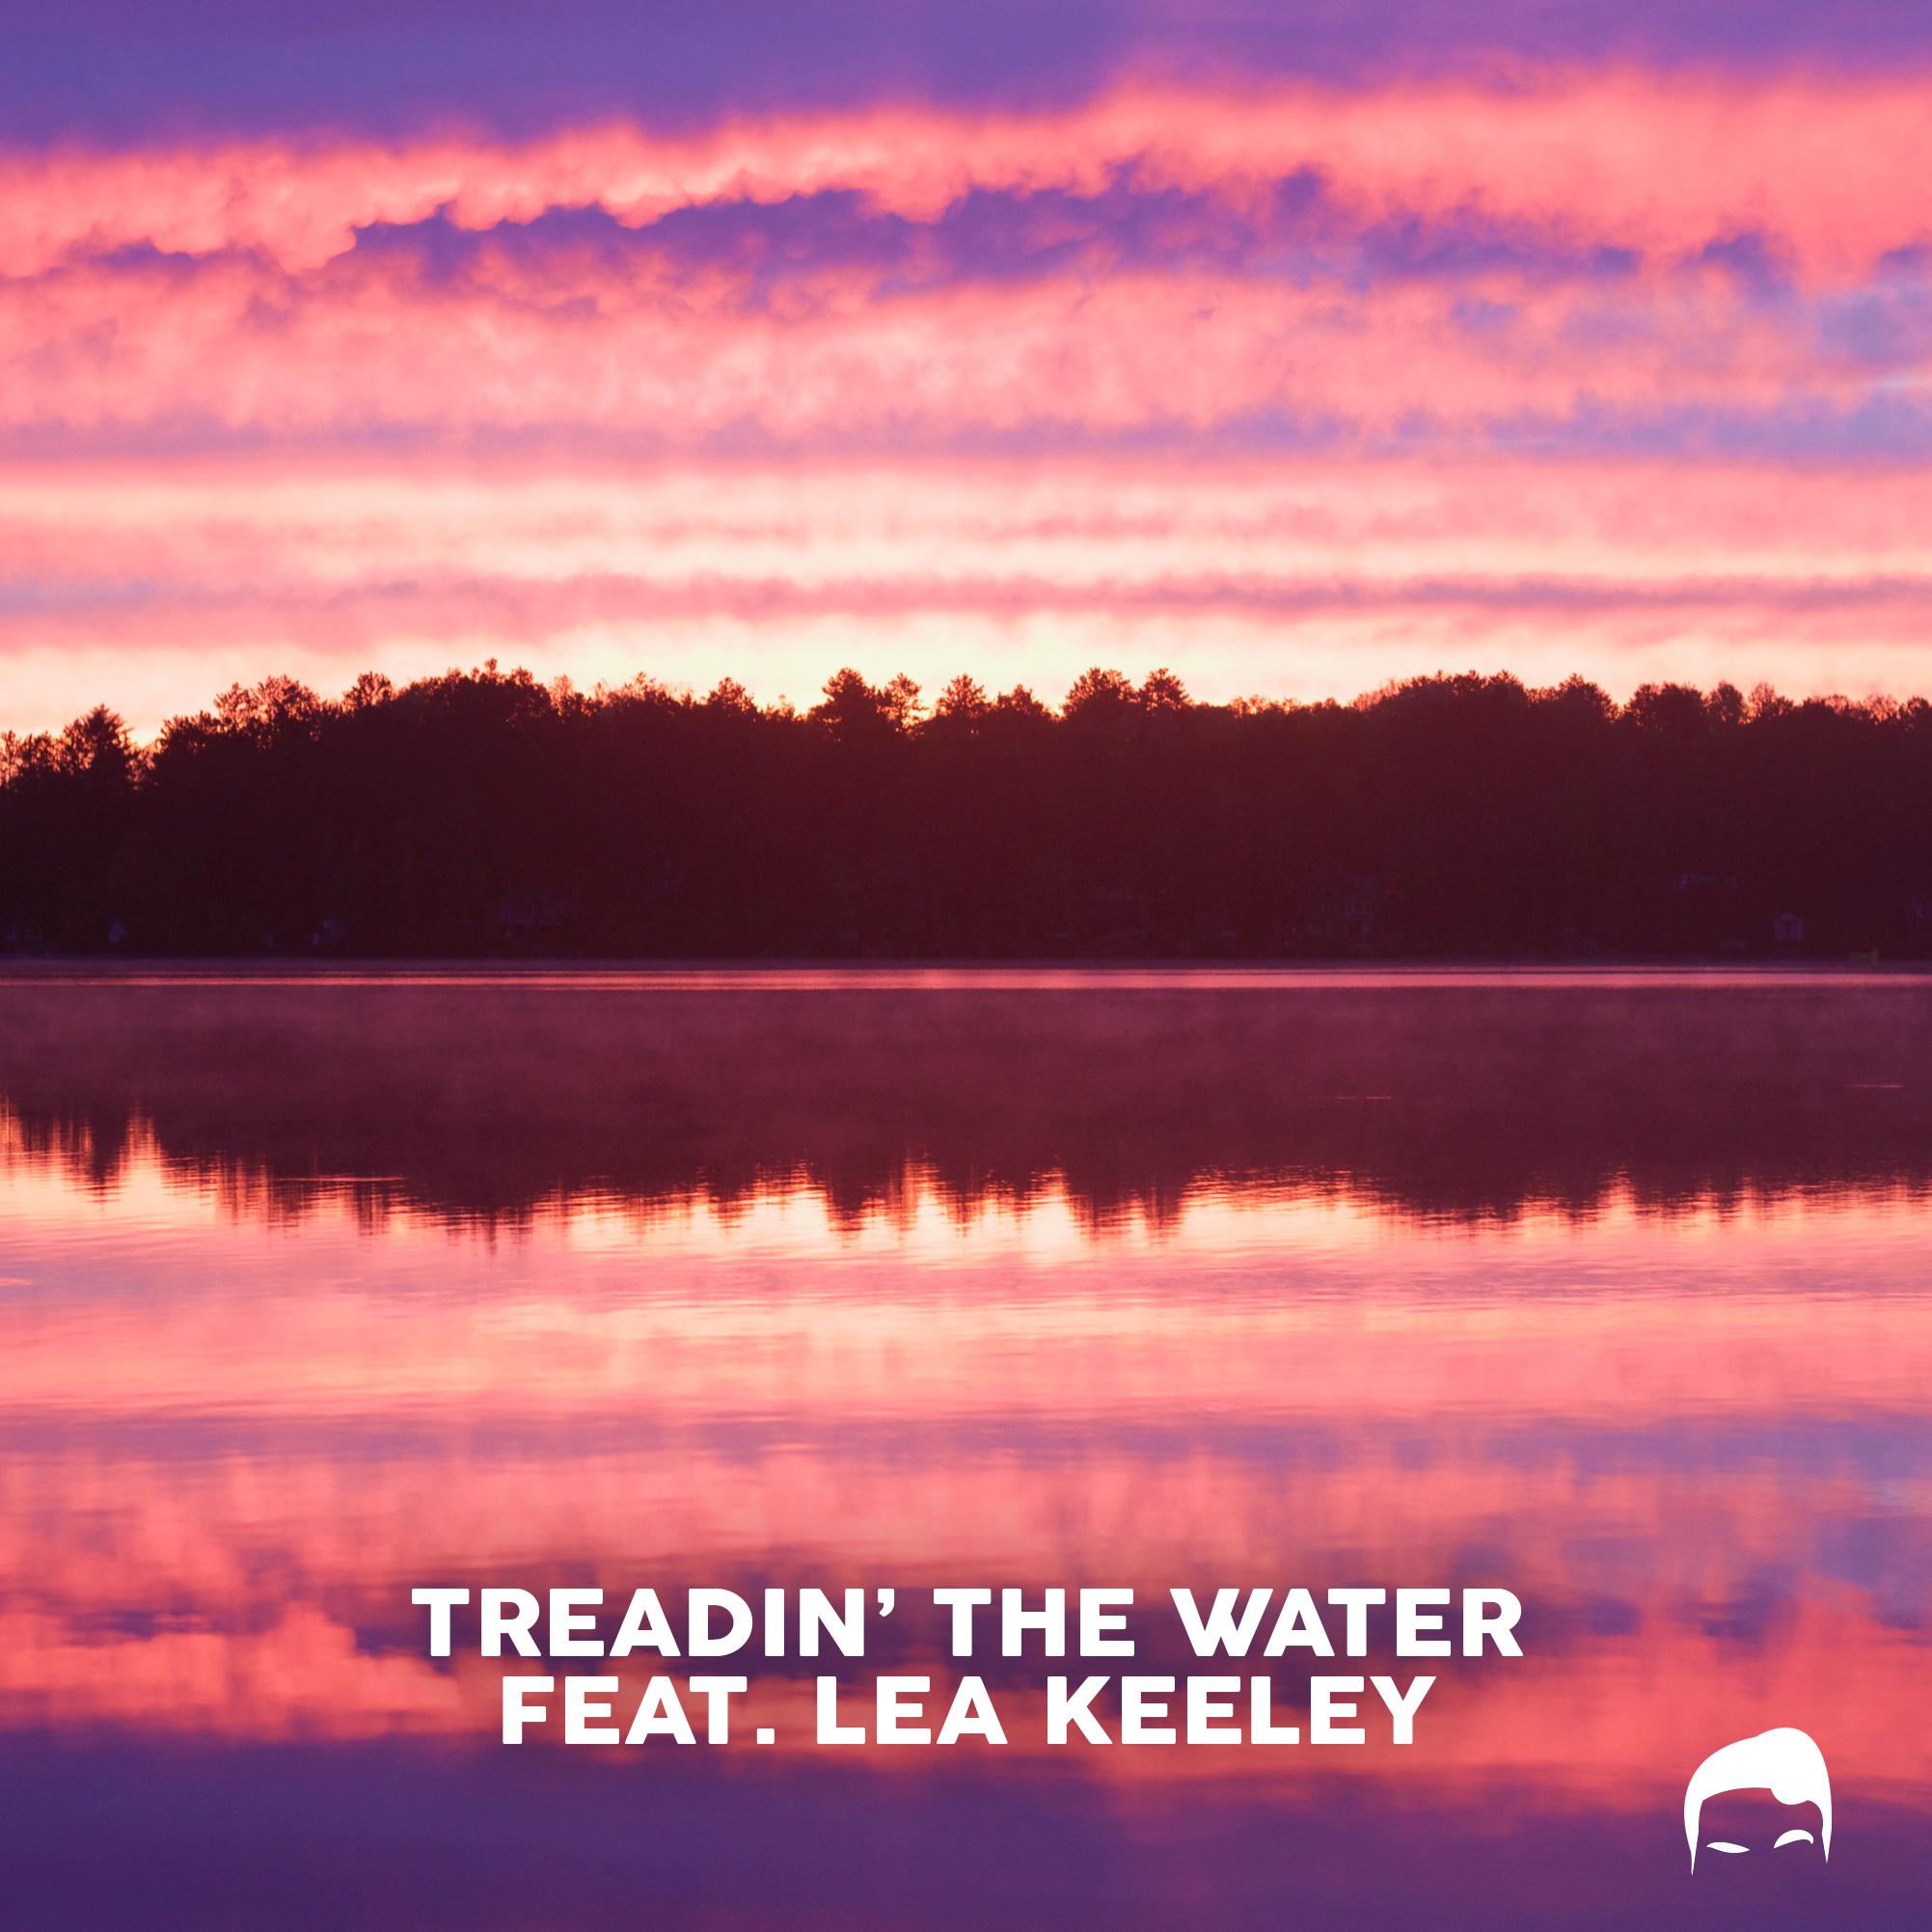 TREADIN' THE WATER FEAT.LEA KEELEY - LISTEN HERE